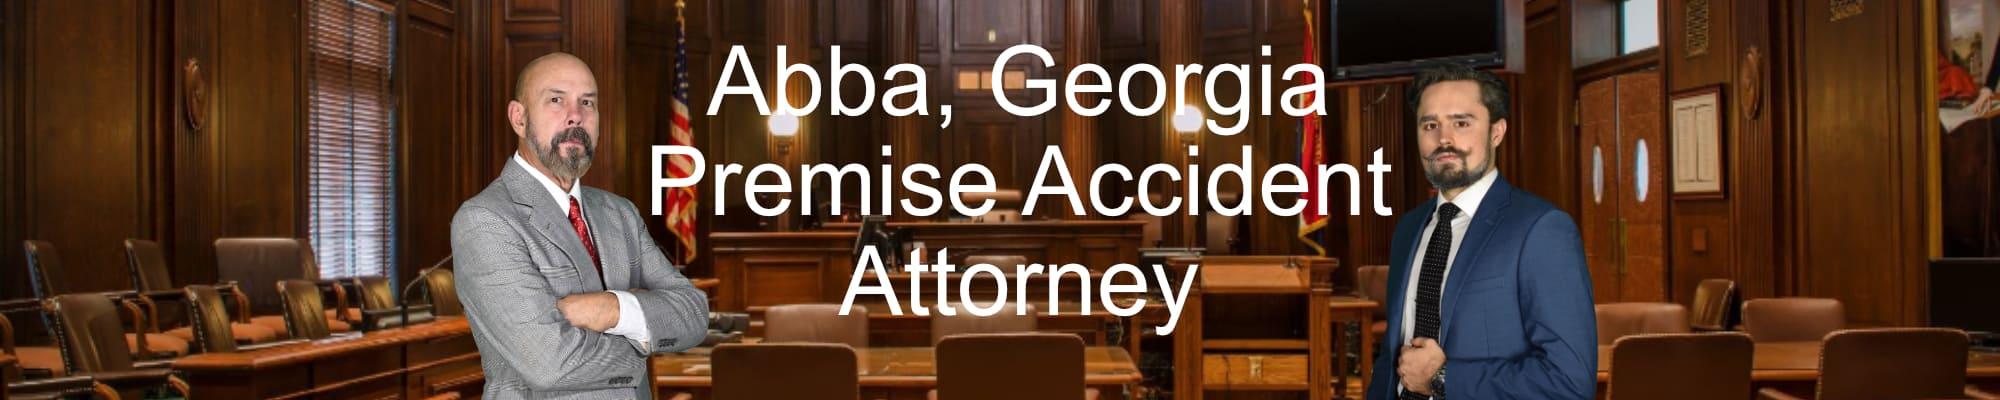 Abba-Georgia-Premise-Accident-Attorney